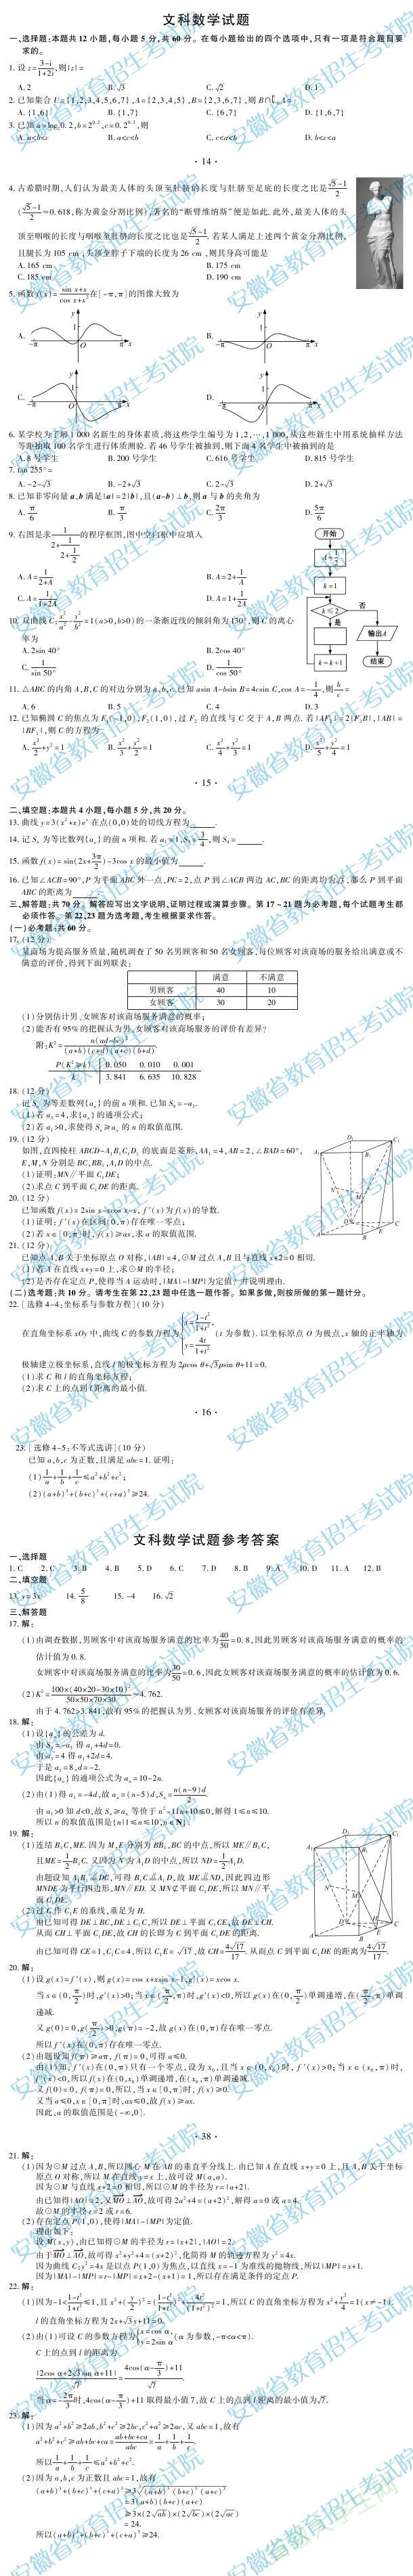 2019年安徽高考文科数学试题及参考答案发布(官方版) 考生可参考估分